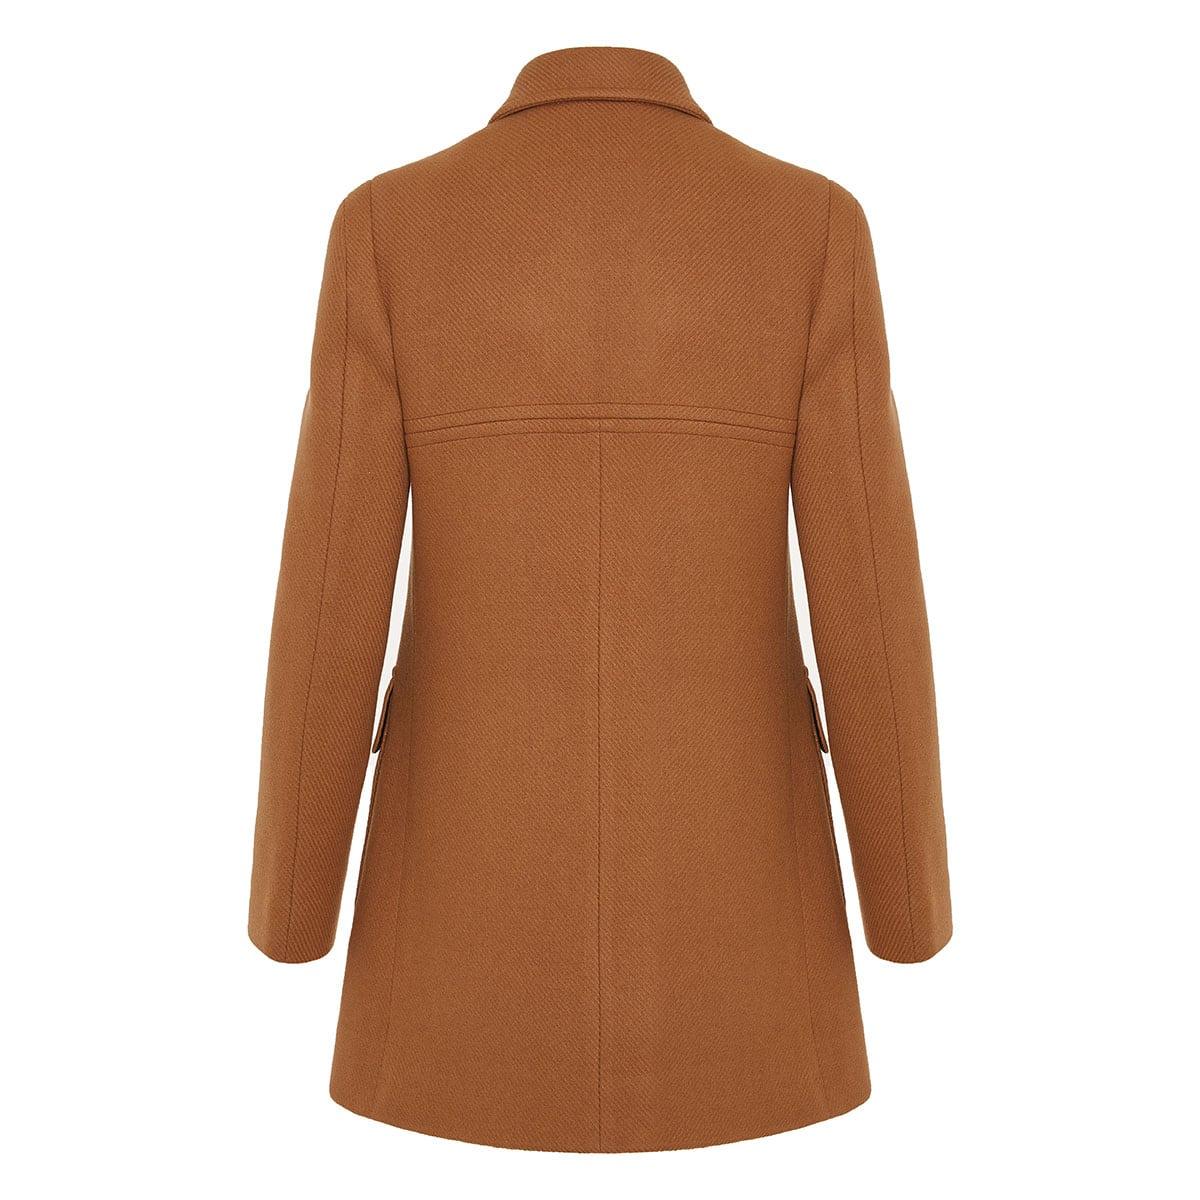 Nyla double-breasted wool coat